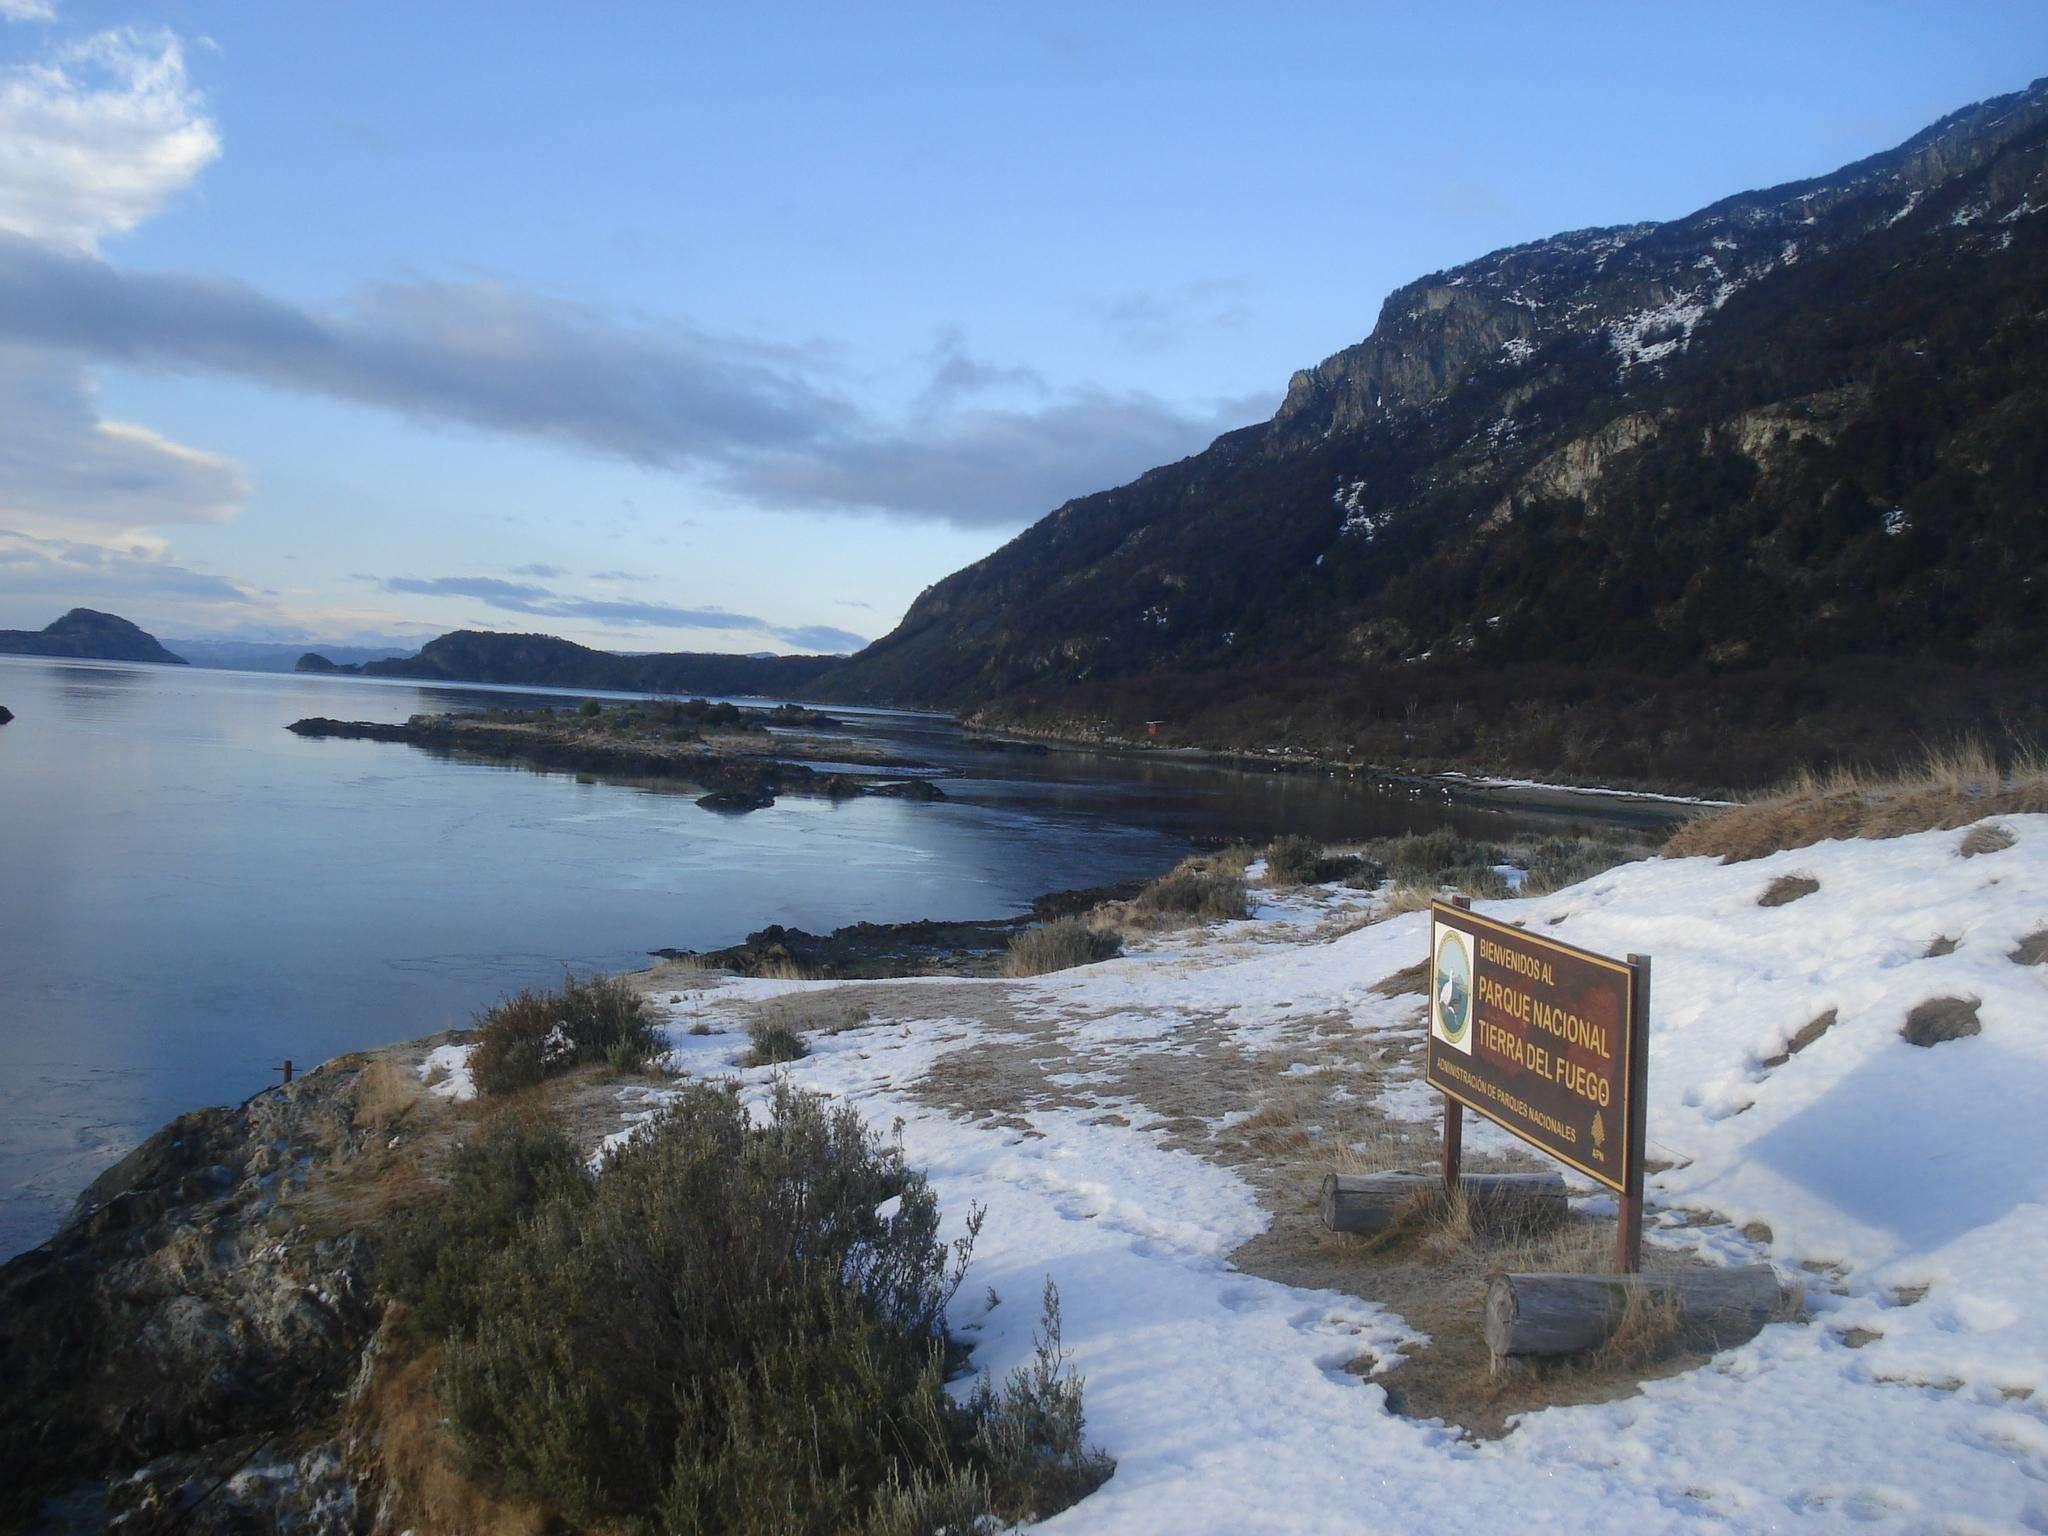 Parque-Nacional-Tierra-del-Fuego-14